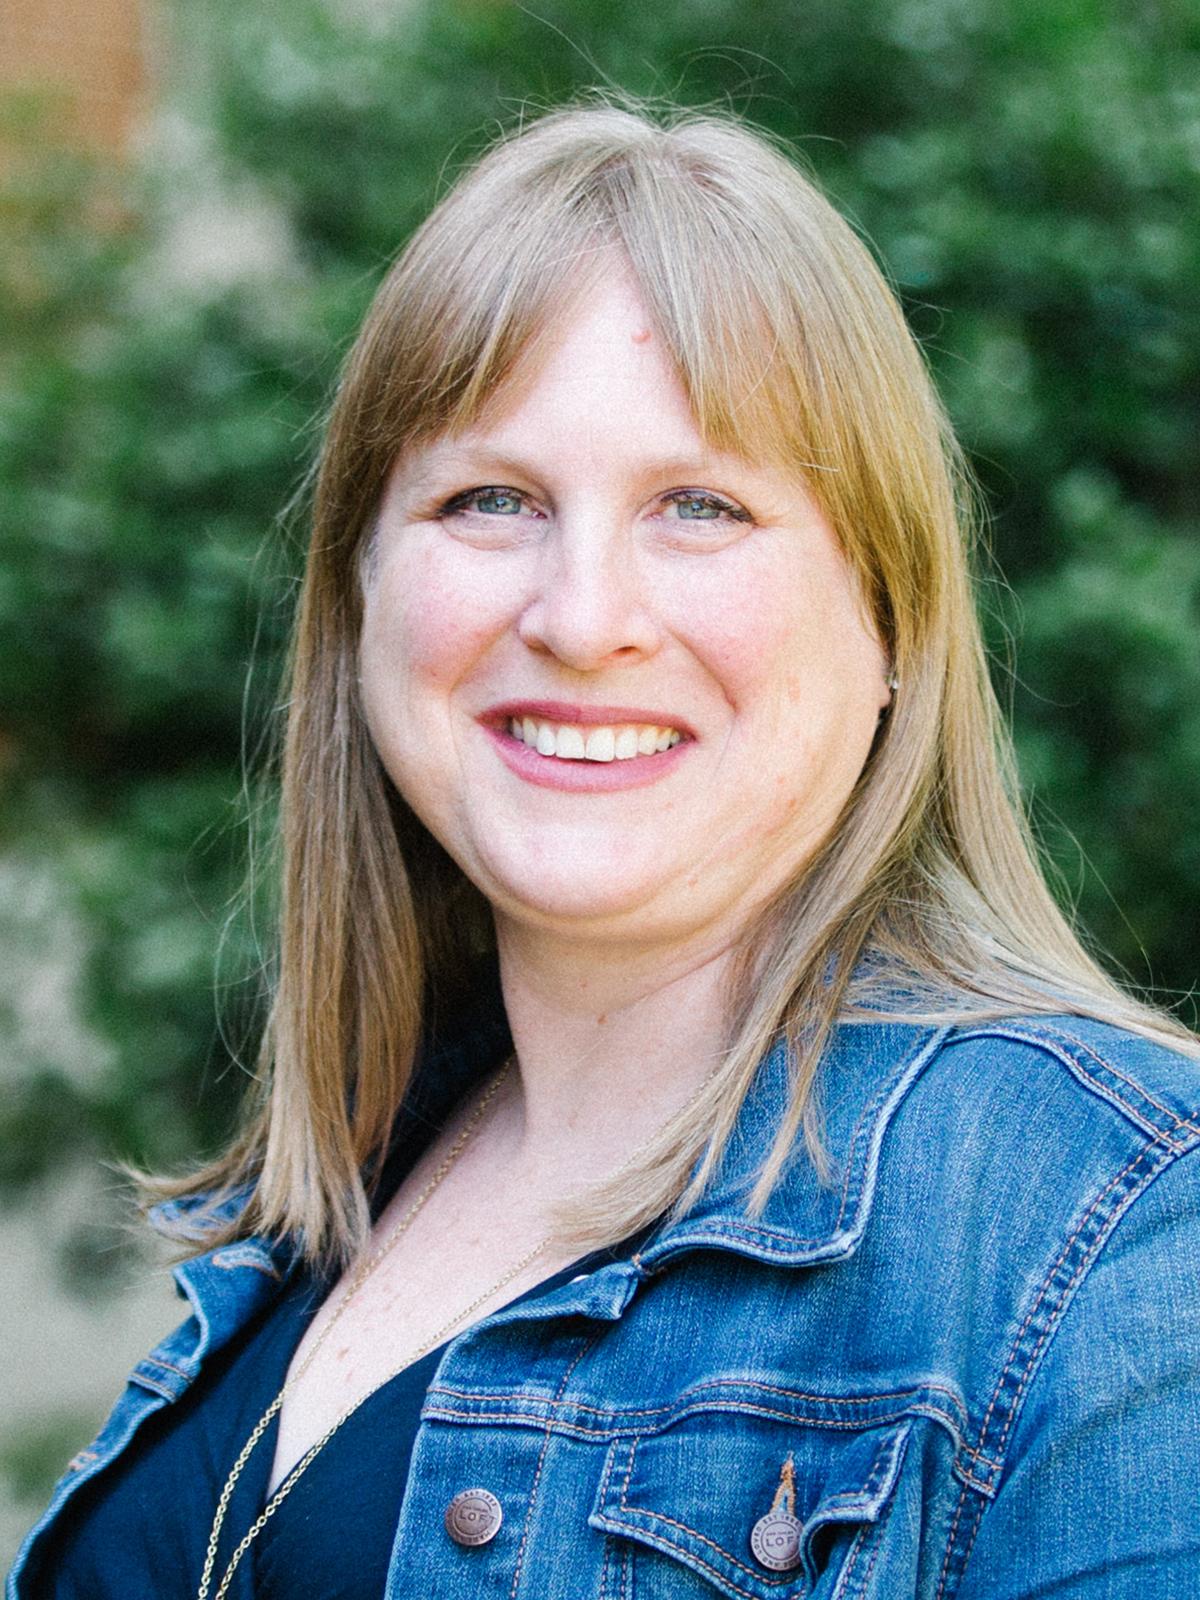 Kristin Papoi portrait image